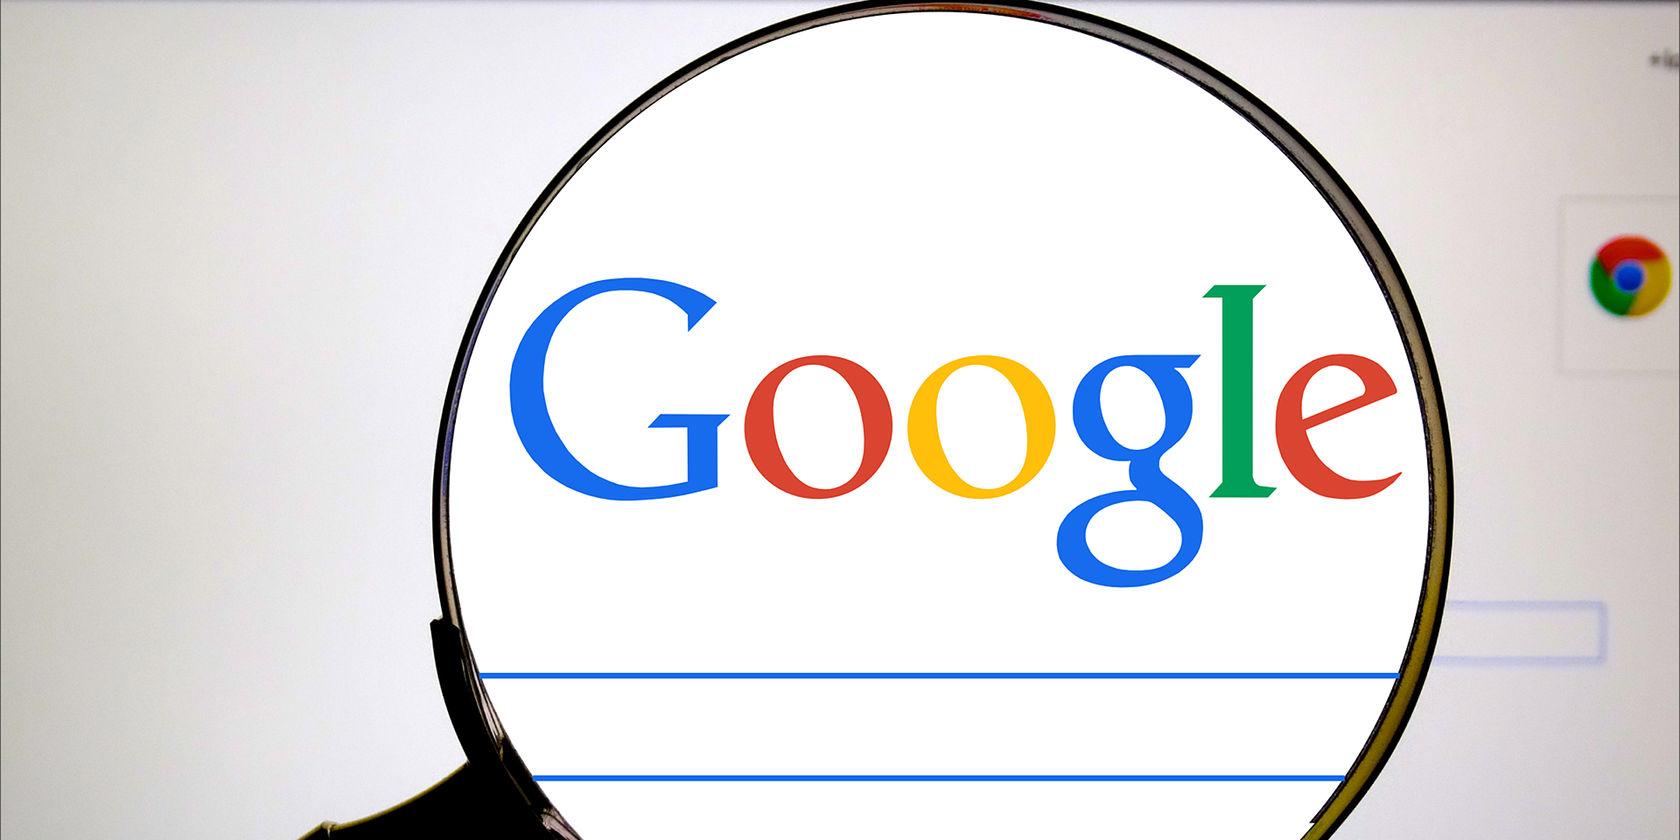 Конвертер цветов от Google